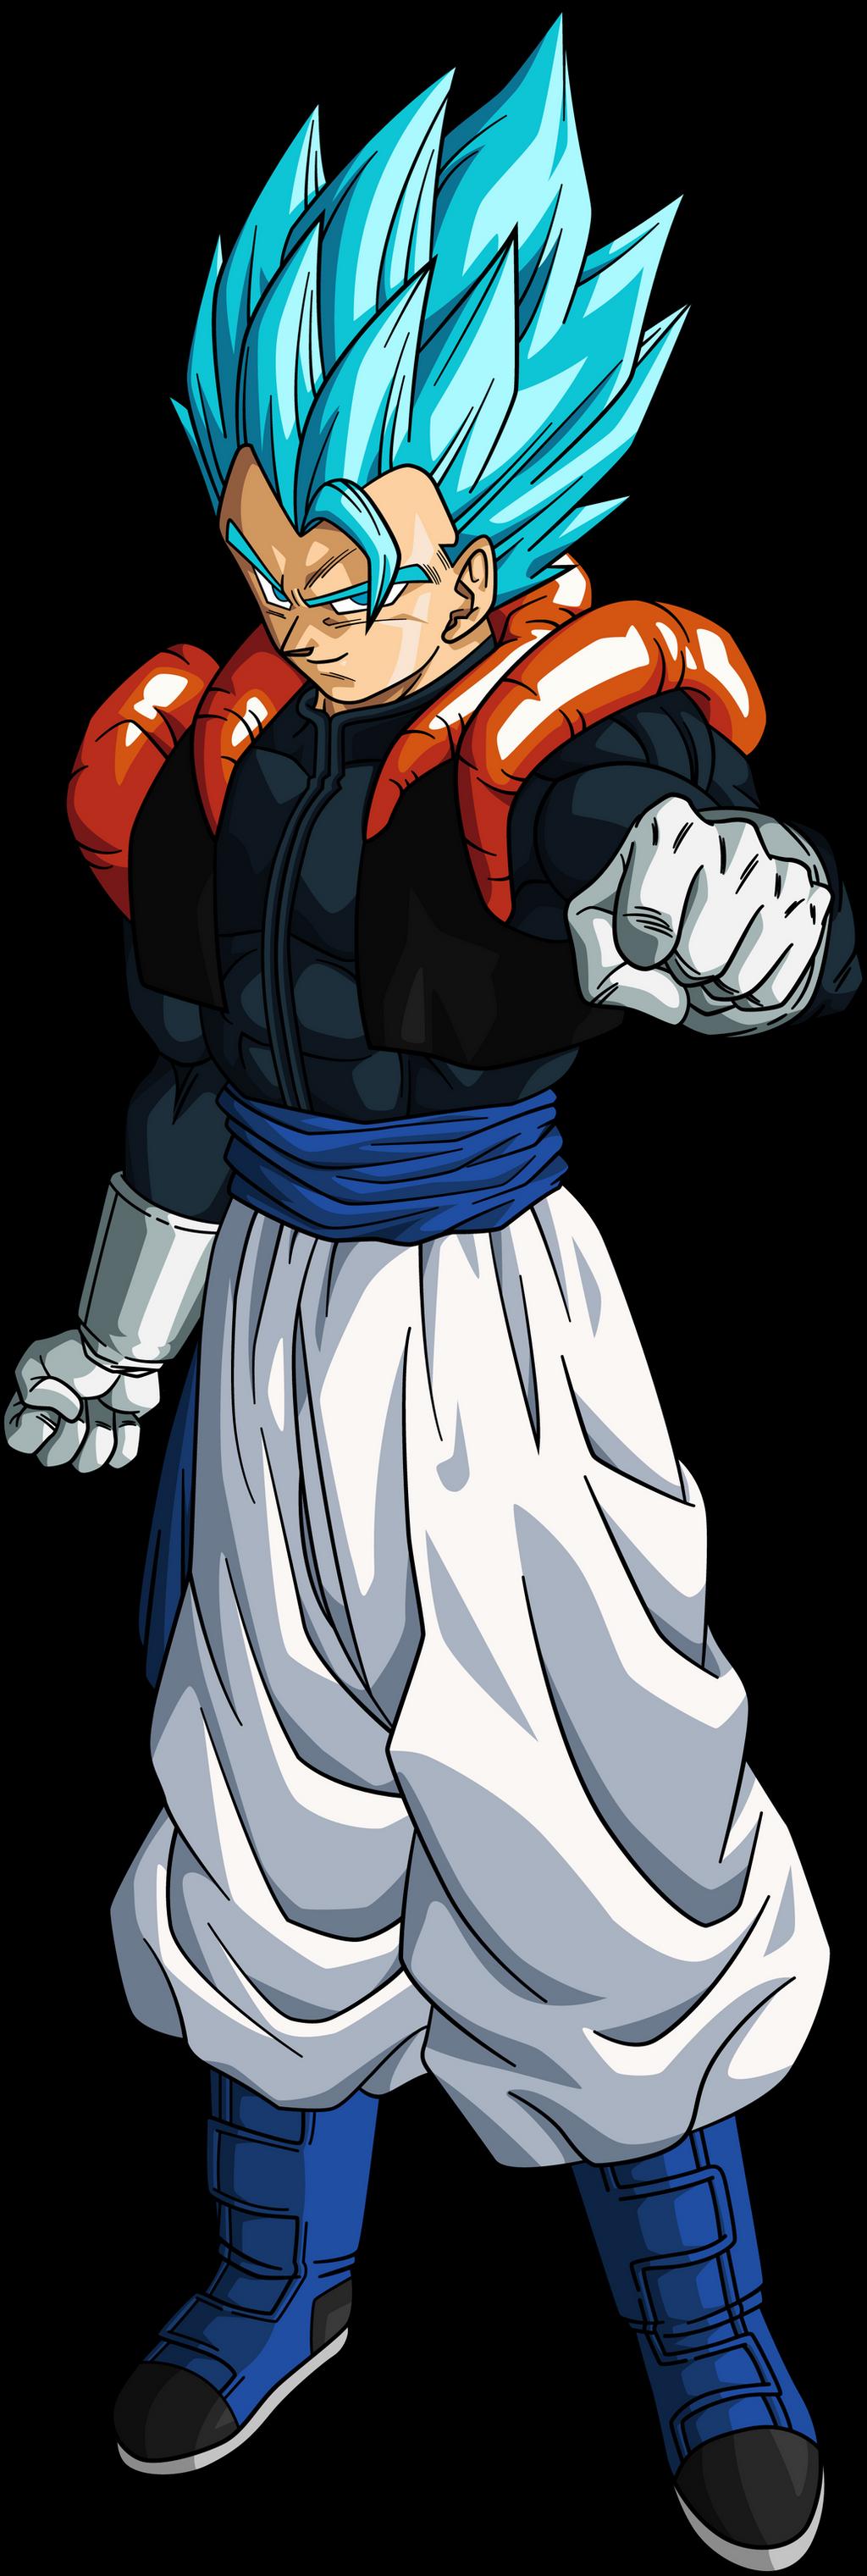 Image Result For Anime Wallpaper Bluea